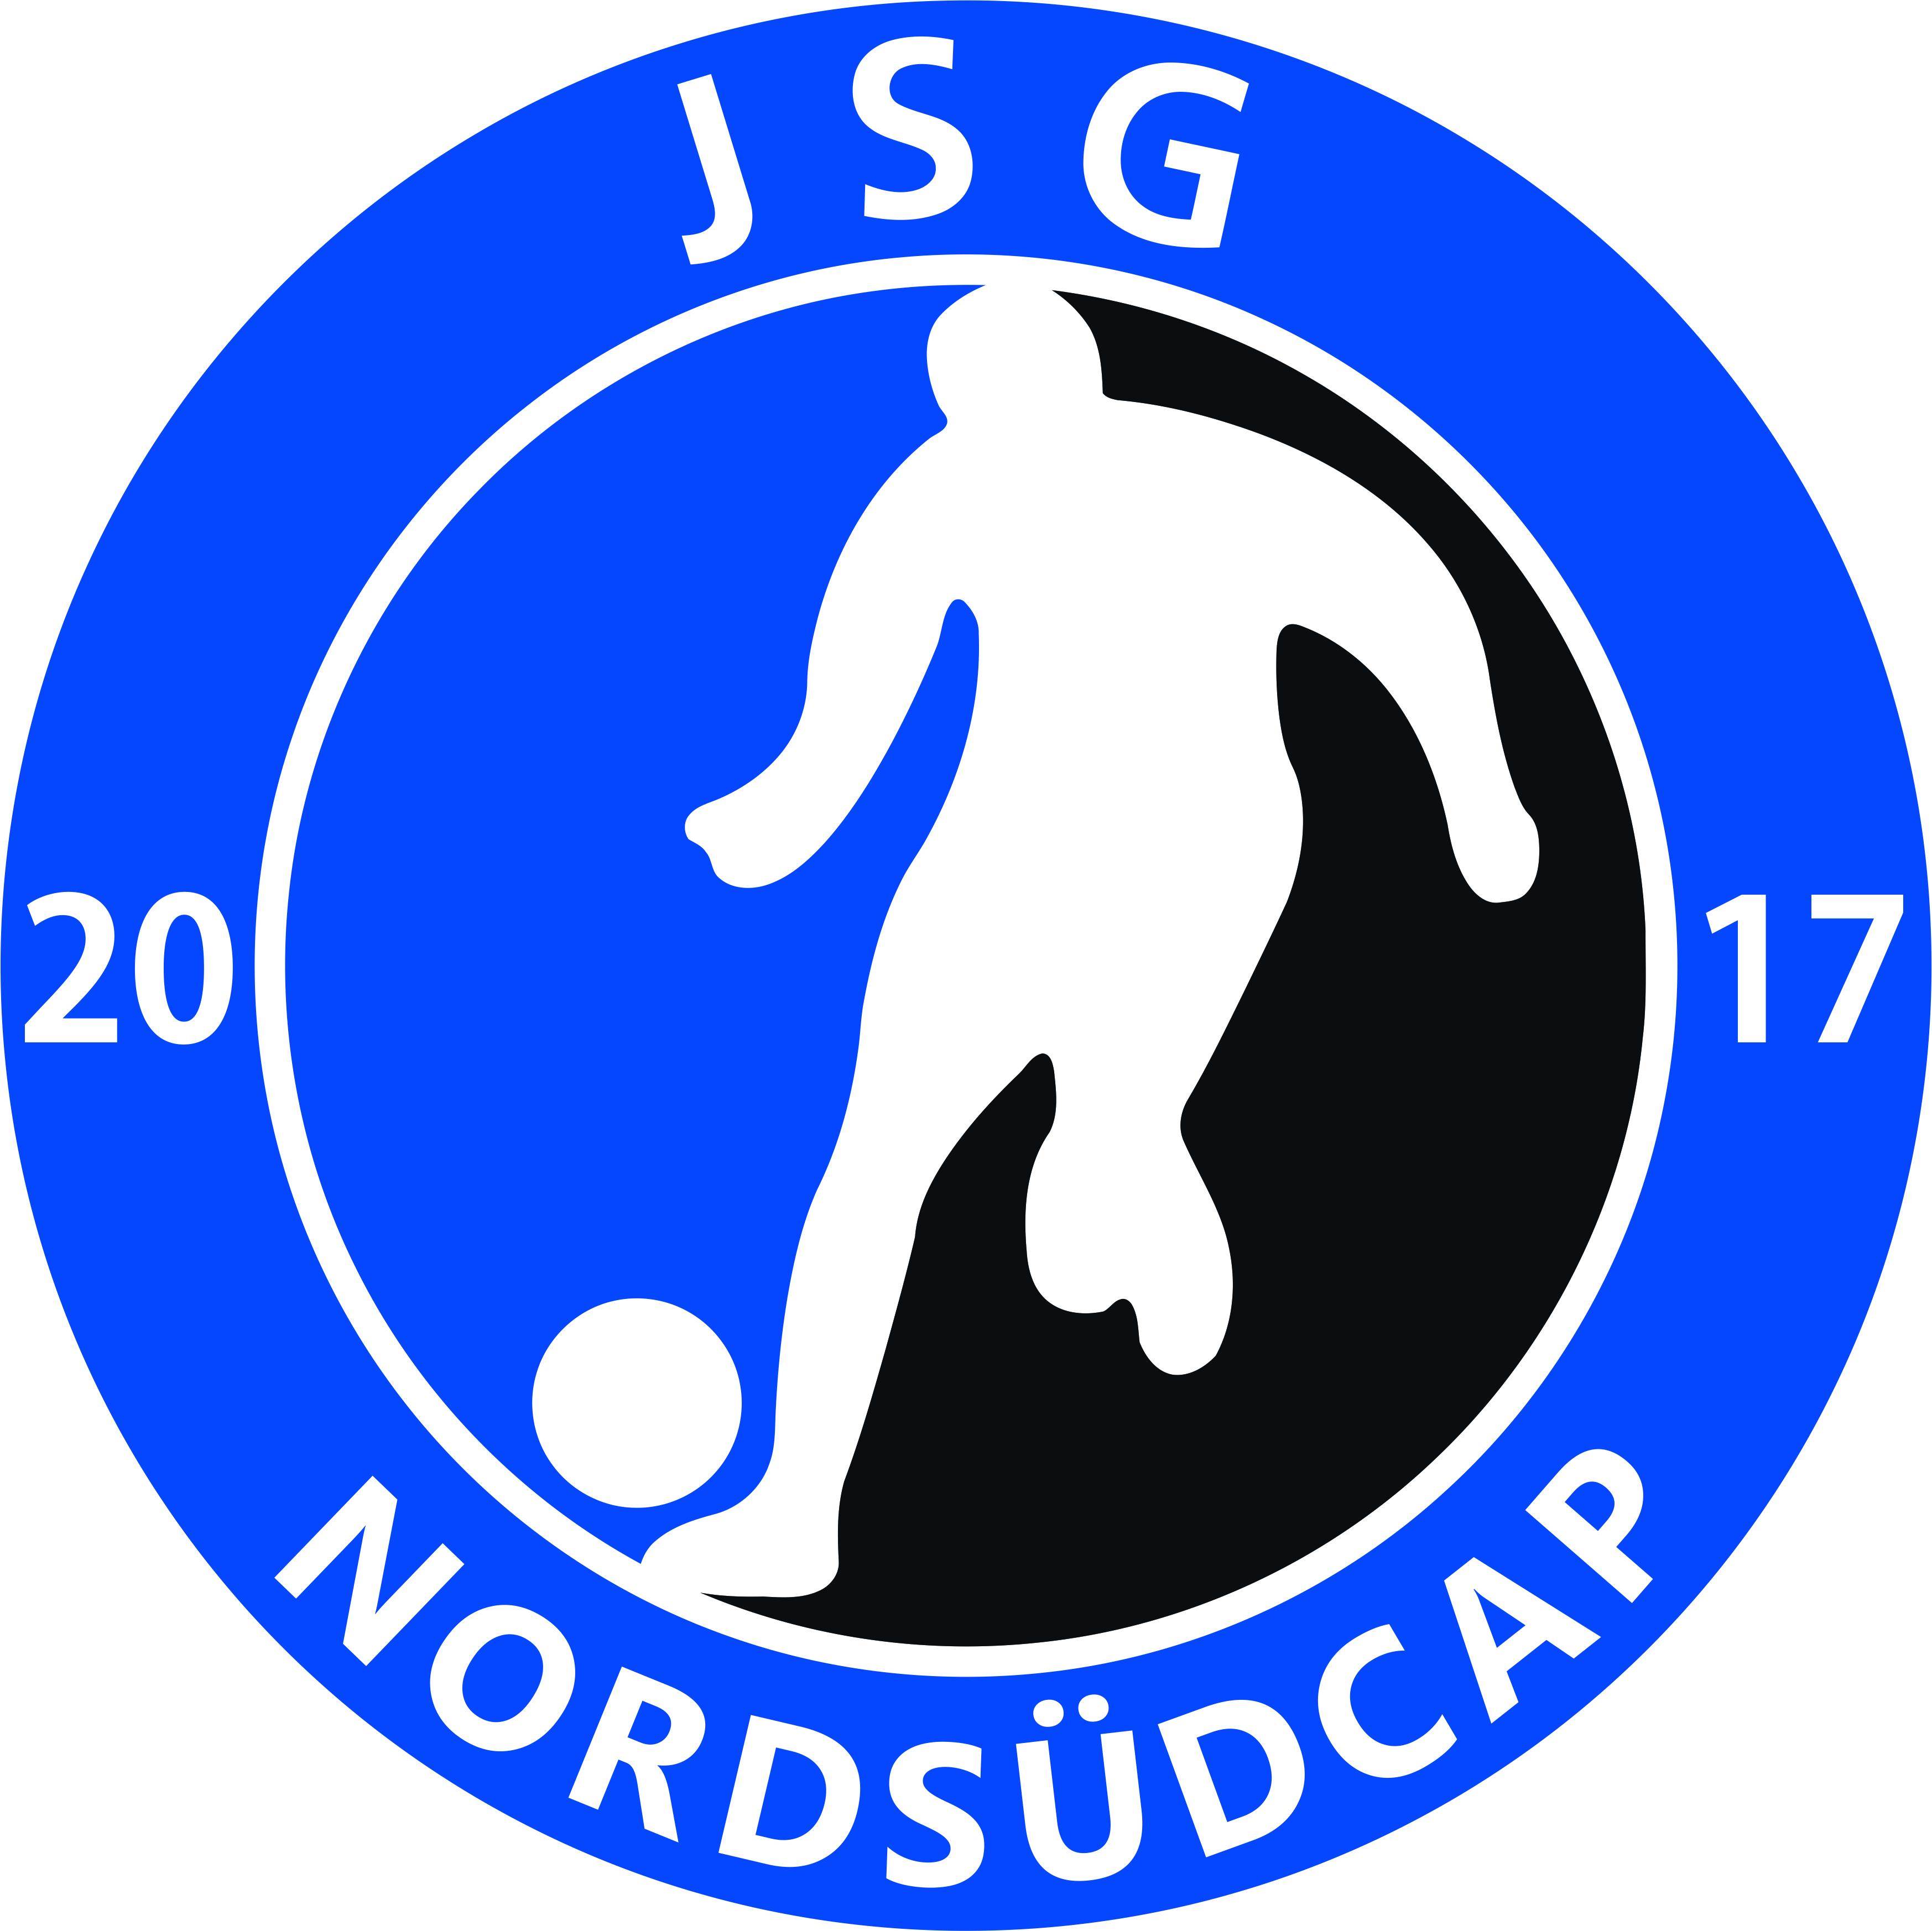 JSG Südcap Logo